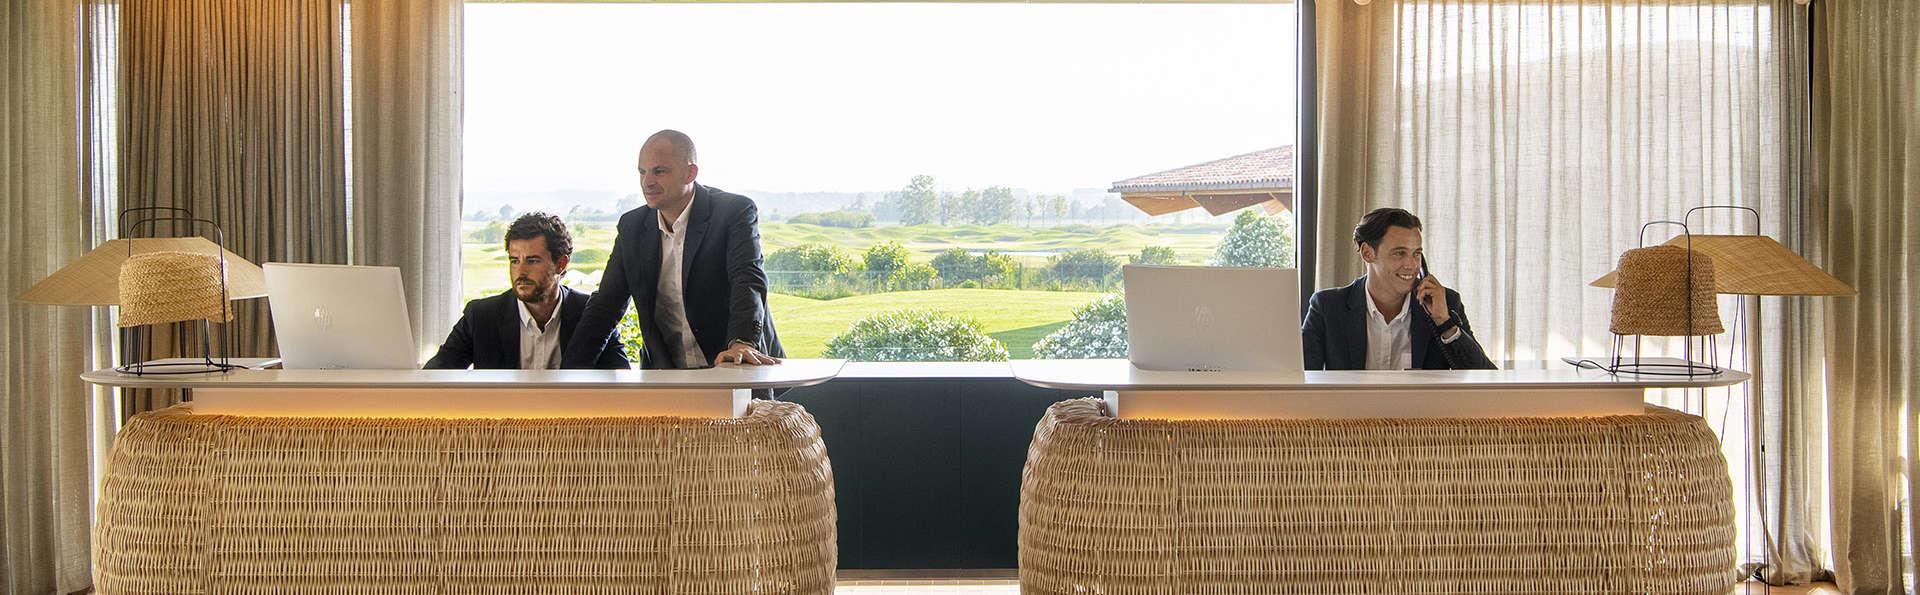 Hotel Empordà Golf - EDIT_RECEPTION.jpg